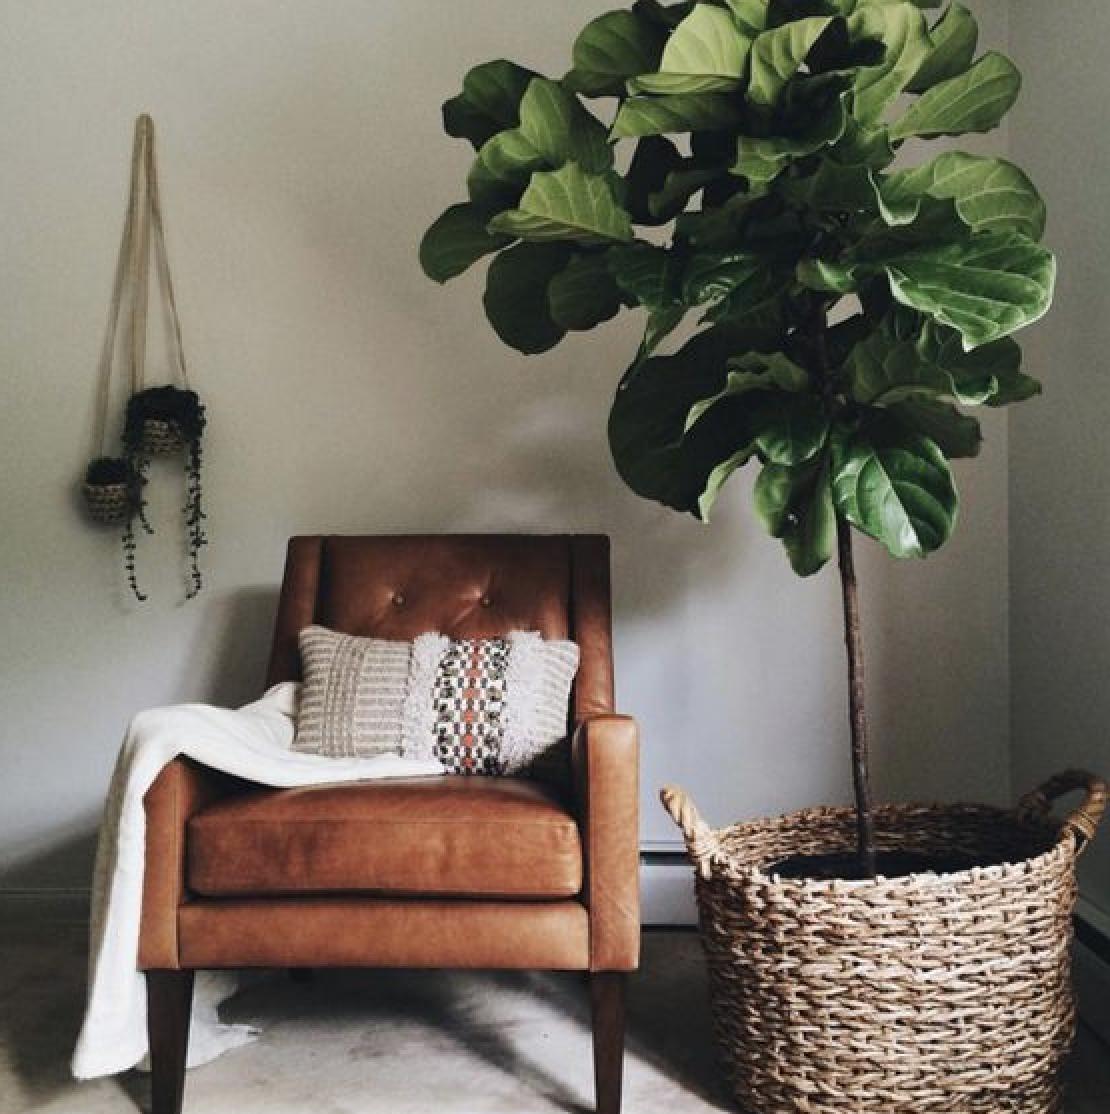 Pin von Hailey Wilking auf Dream home | Pinterest